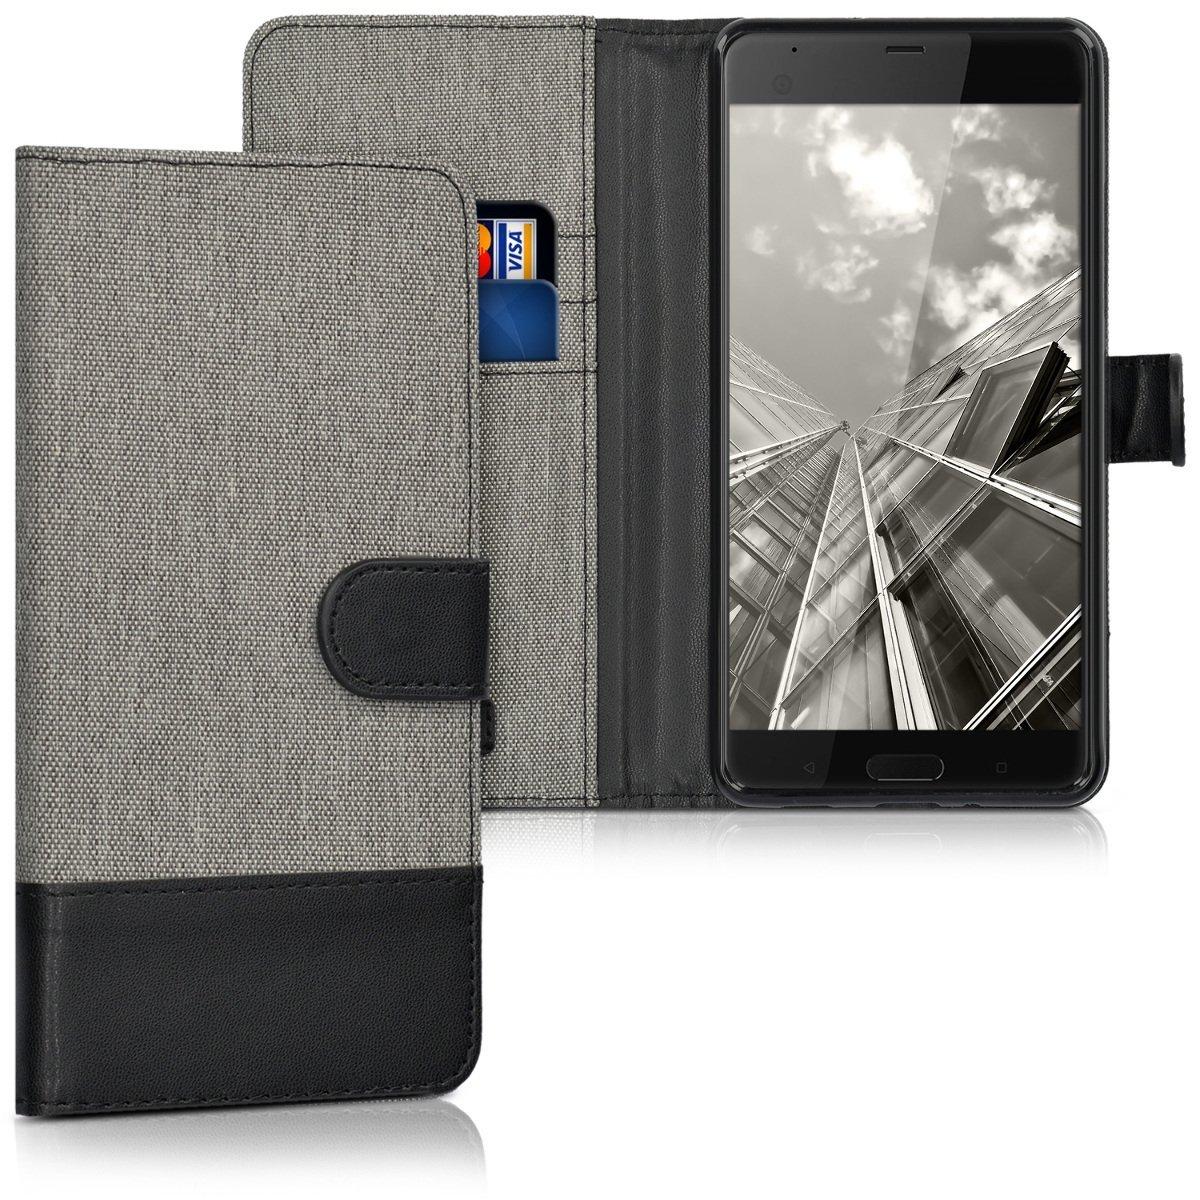 KW Canvas Θήκη - Πορτοφόλι HTC U Ultra - Grey/ Black (40752.22) θήκες κινητών